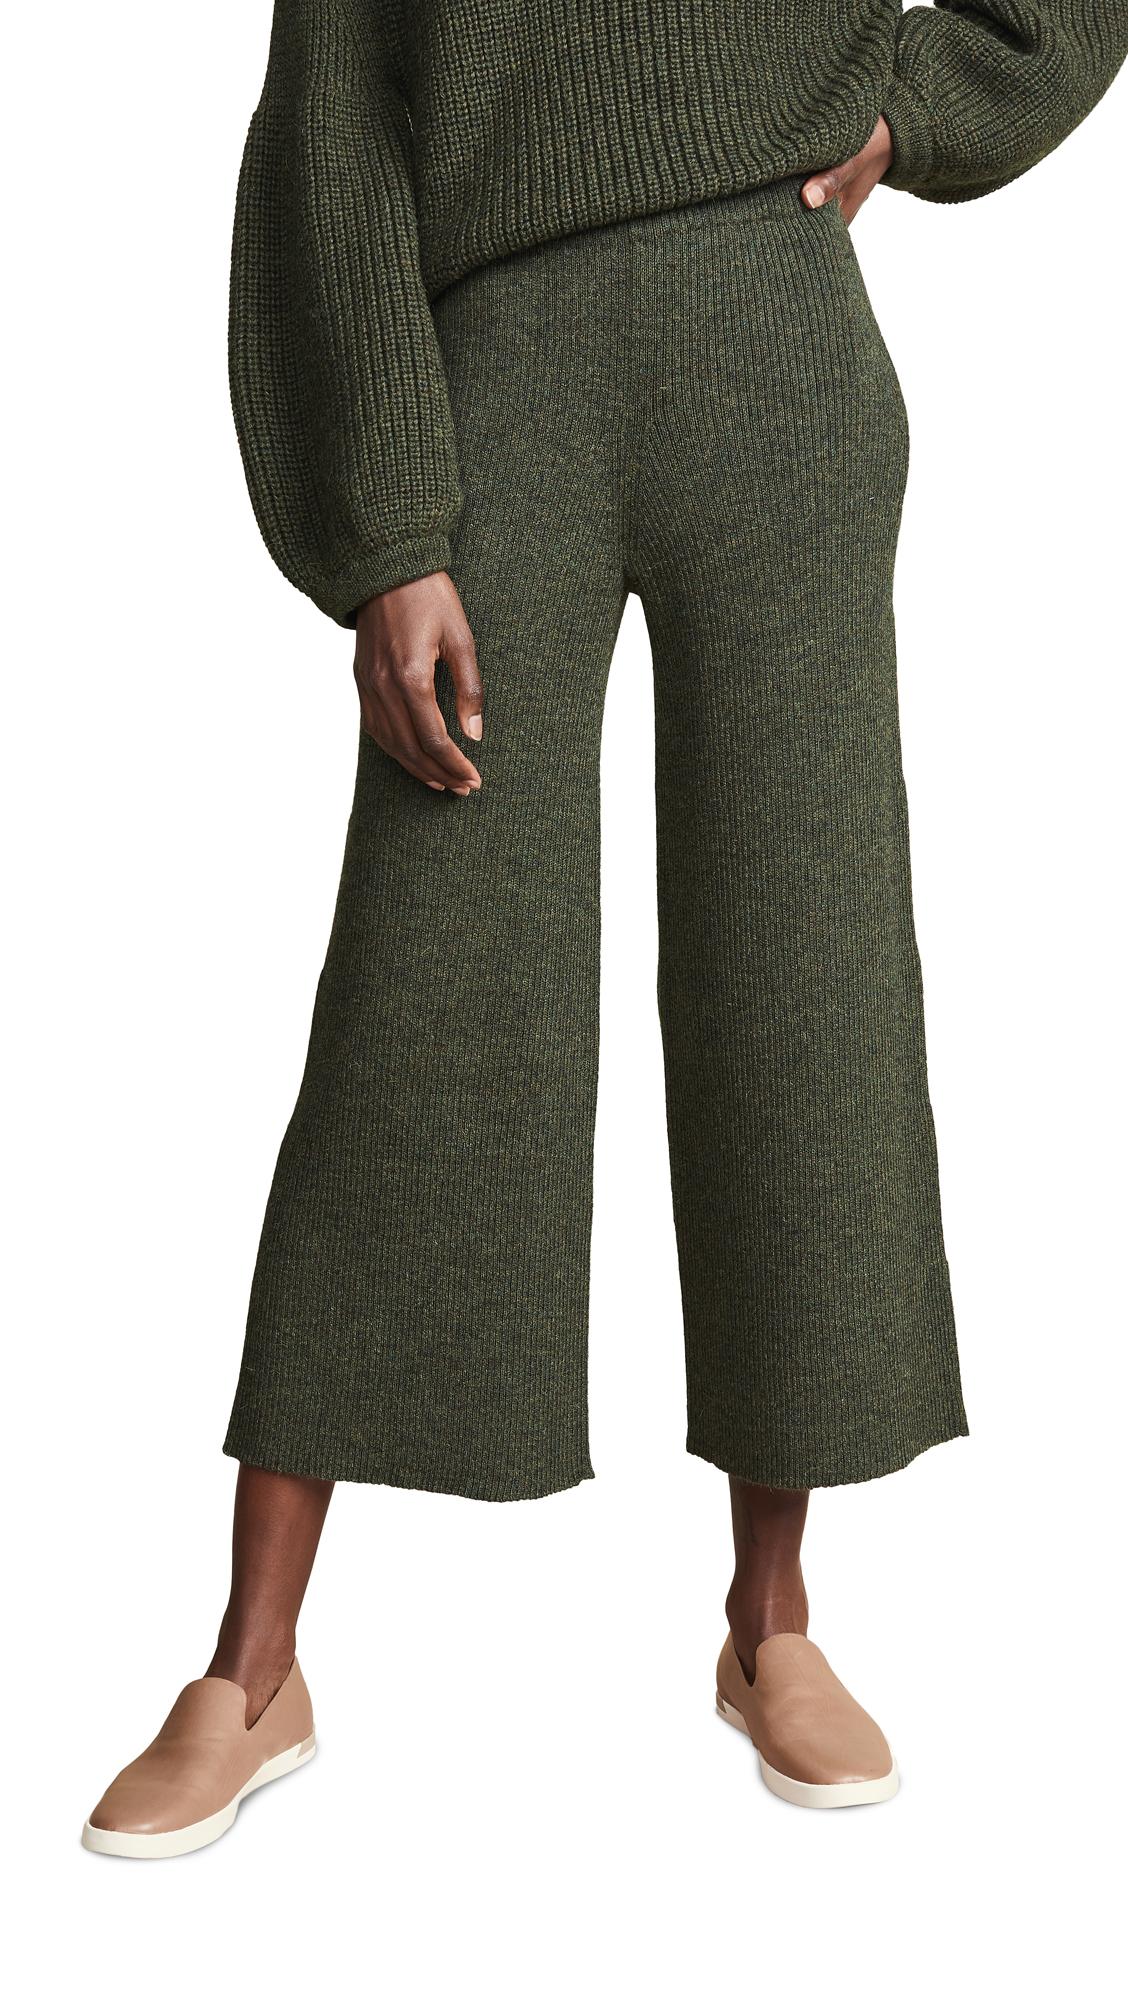 Mara Hoffman Nellie Alpaca Pants In Olive